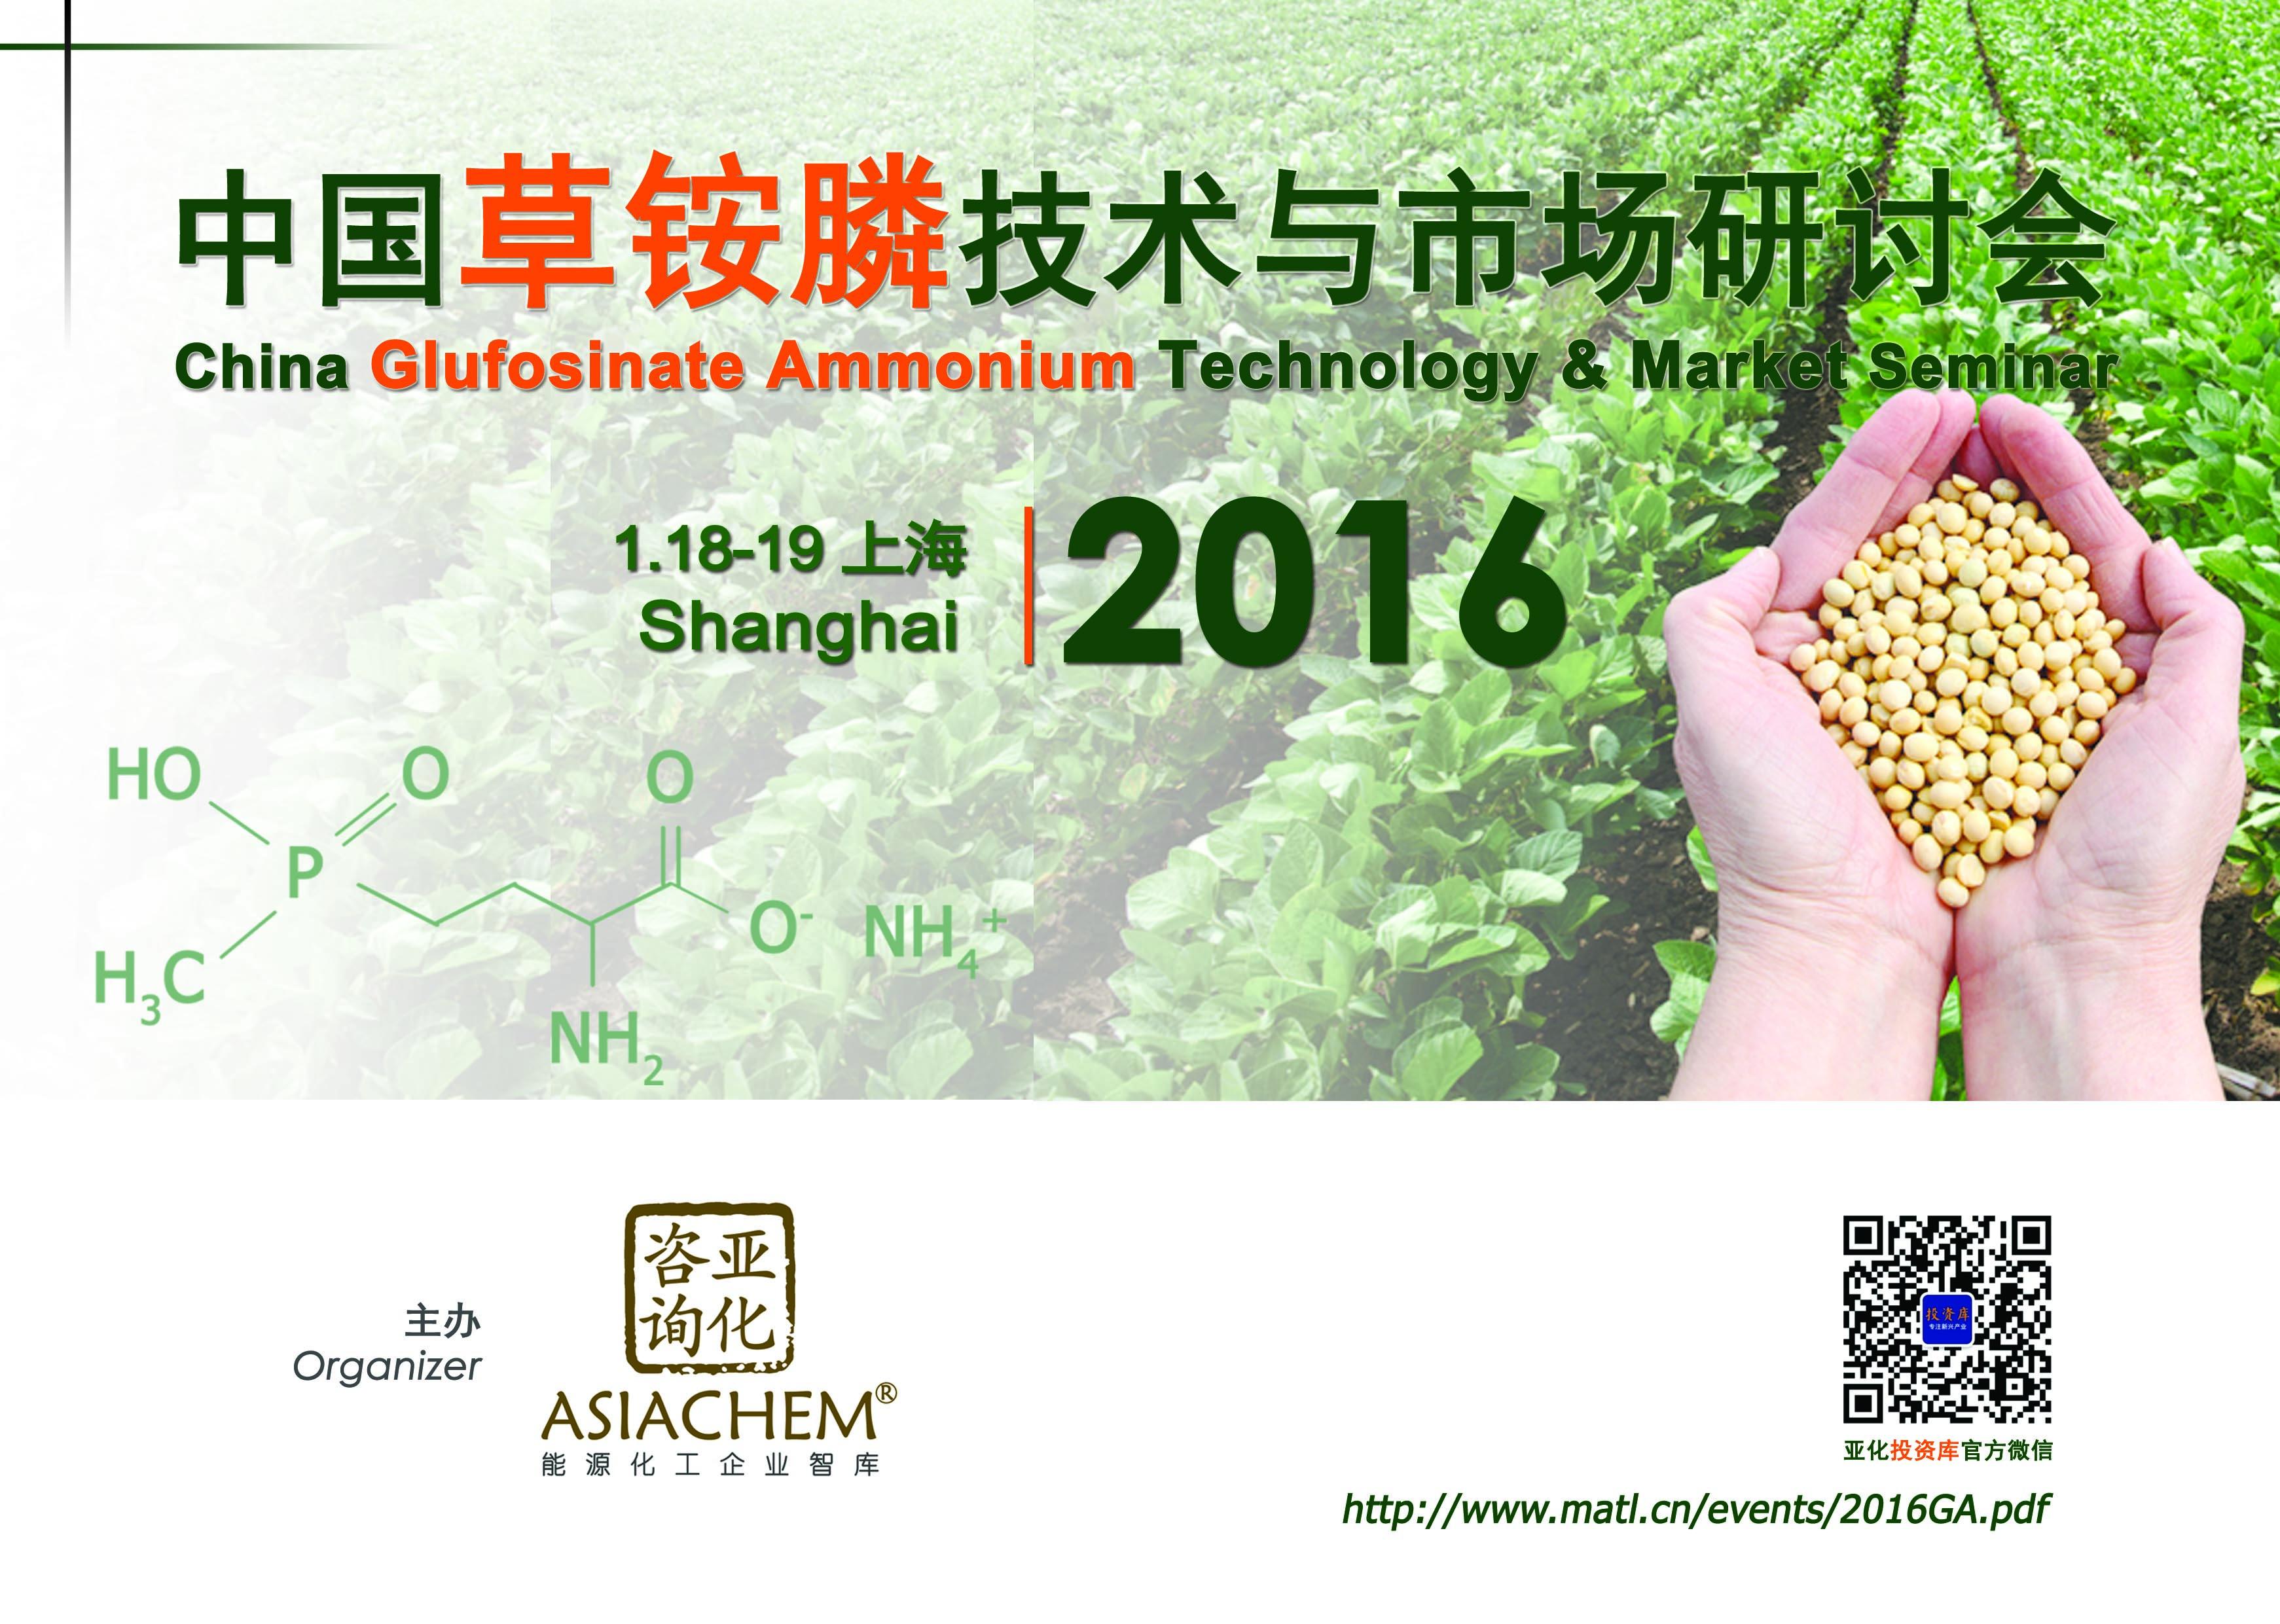 中国草铵膦技术与市场研讨会2016